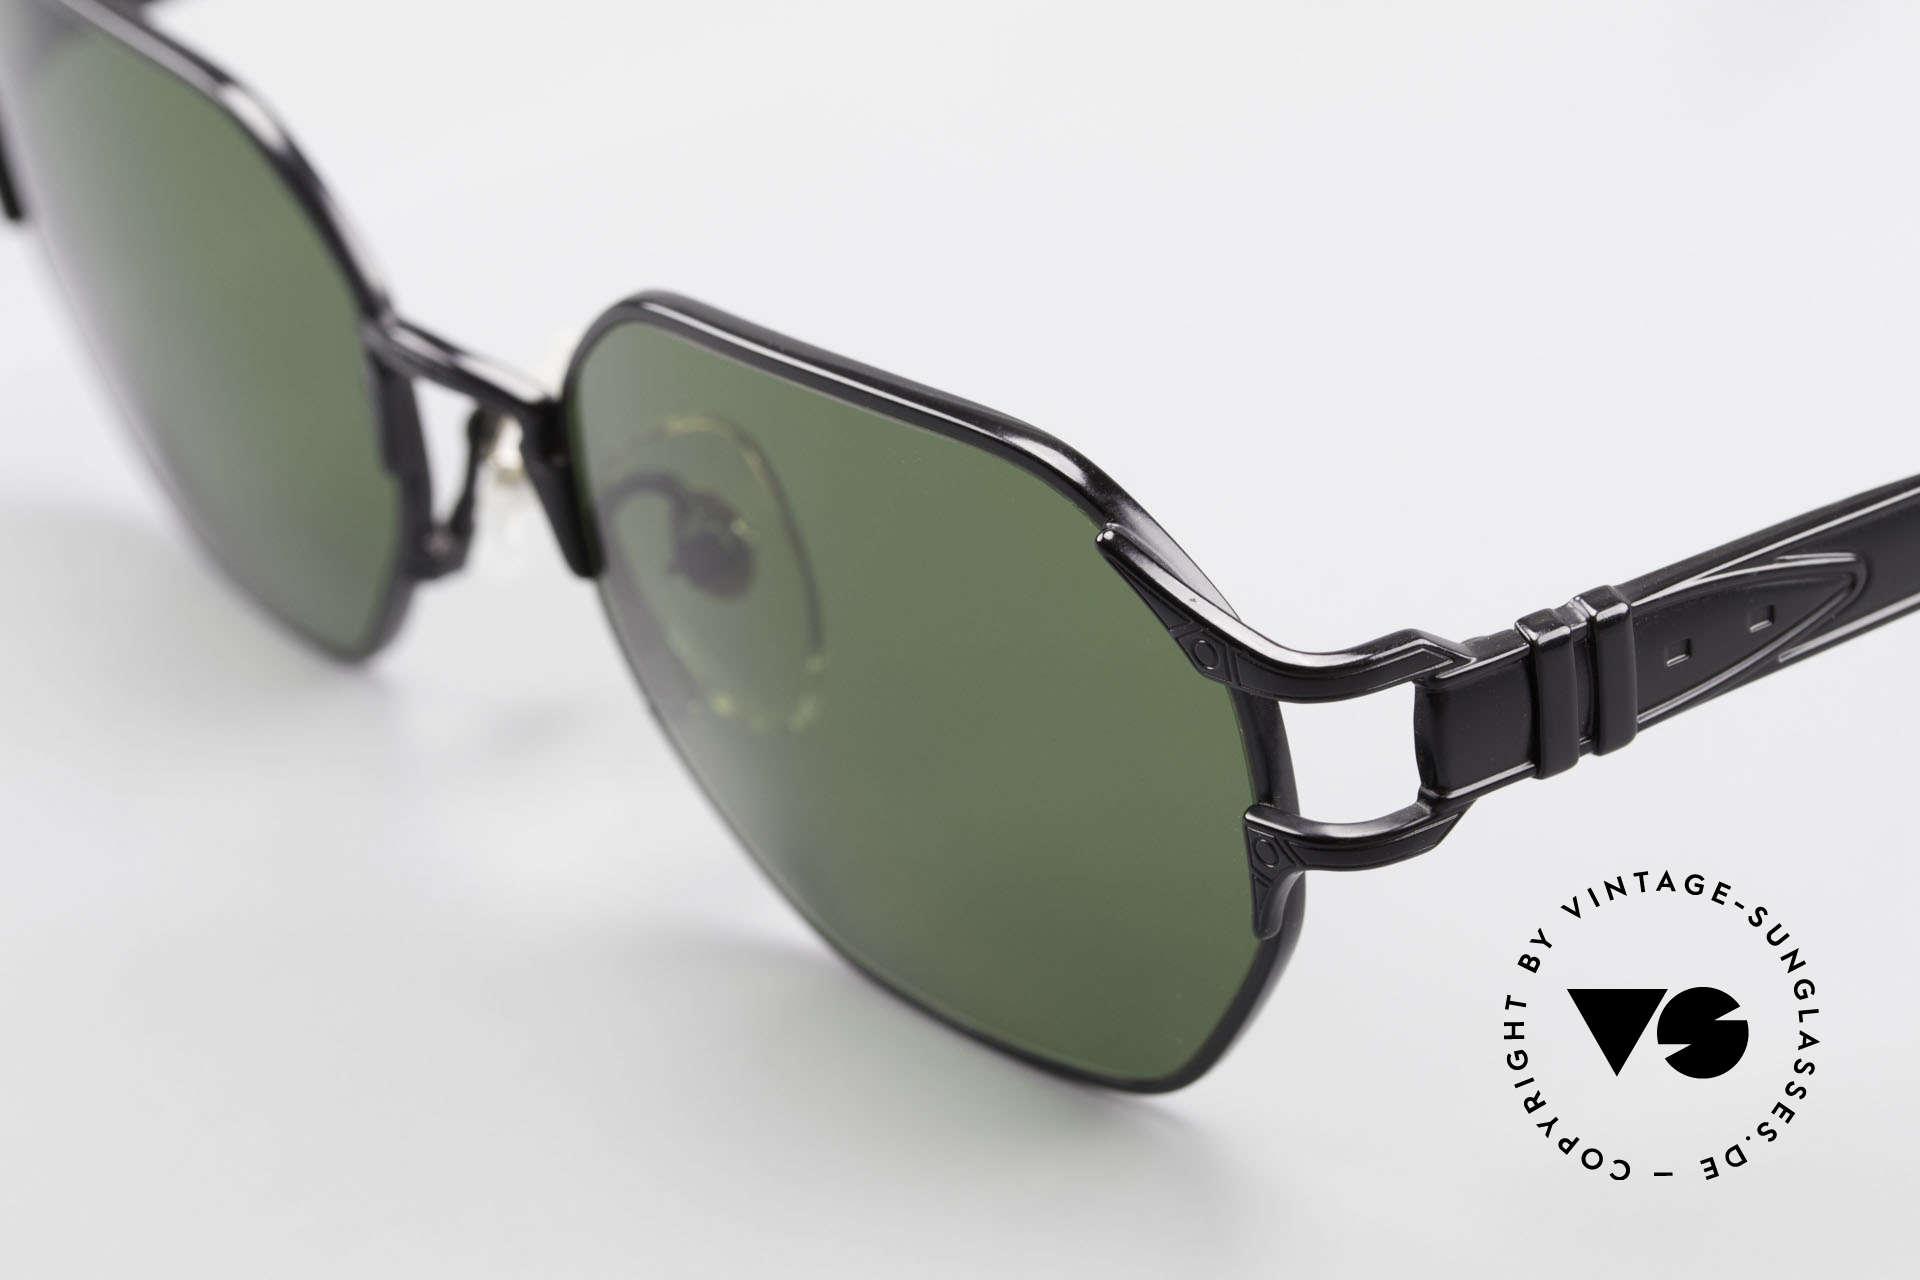 Jean Paul Gaultier 58-4173 Eckige JPG 90er Designerbrille, hochwertige CR39 Gläser (100% UV Protection), Passend für Herren und Damen